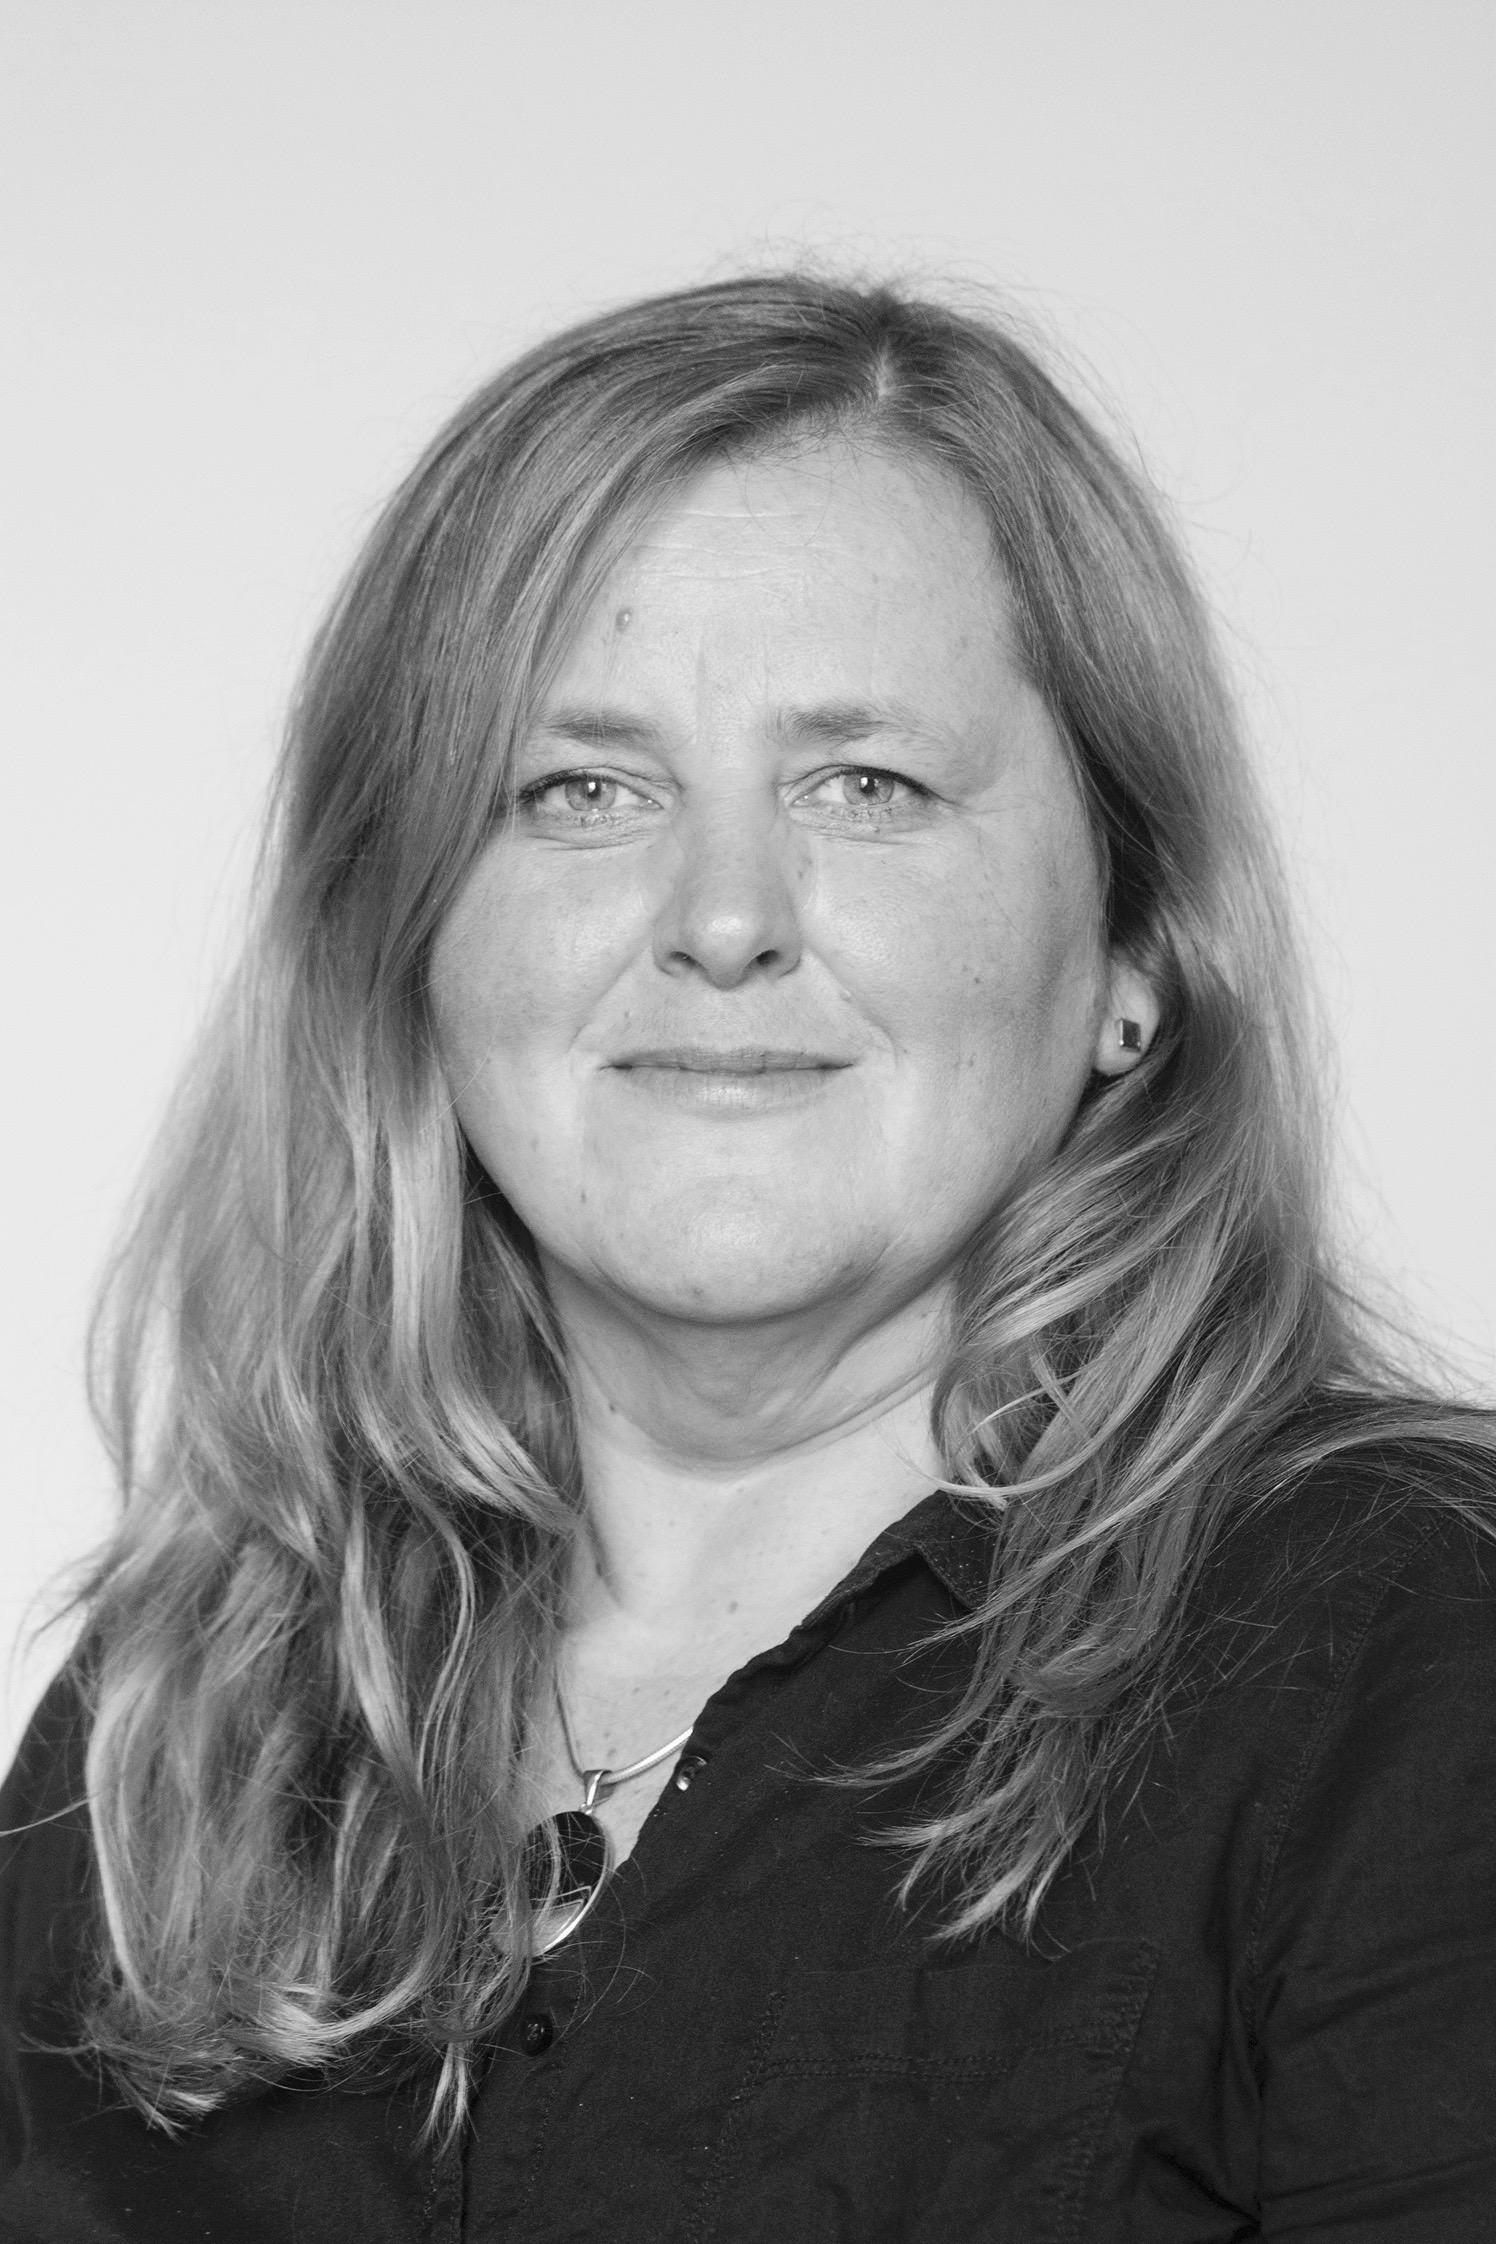 Nicola Kriesel